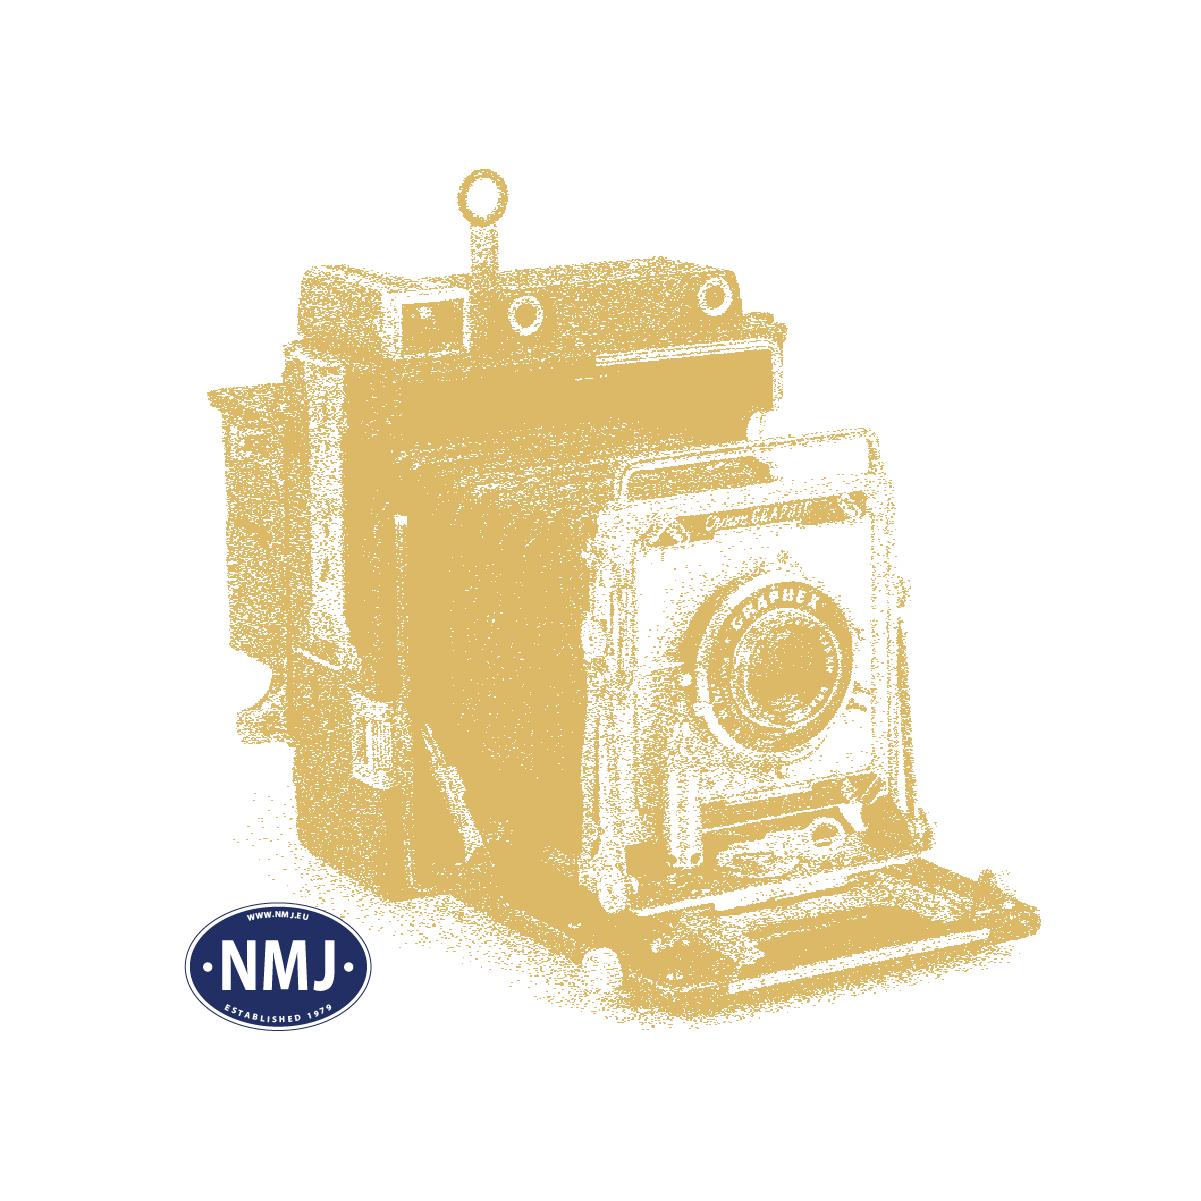 NMJS21c372 - NMJ Superline NSB Type 21c 372, sen driftsutgave